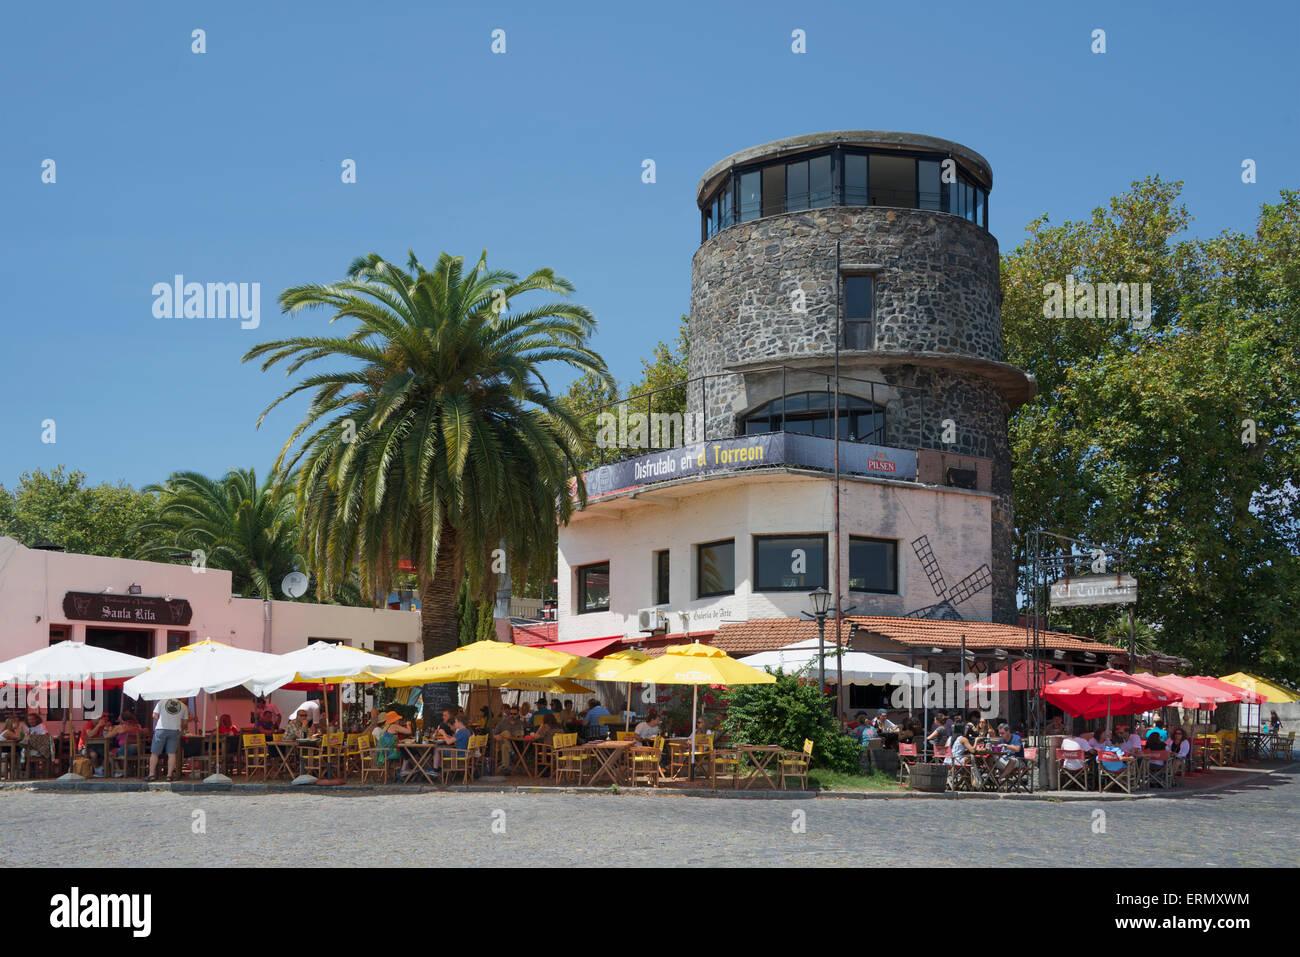 Le persone che si godono il pranzo El Torreon ristorante storico quartiere coloniale di Colonia del Sacramento Uruguay Immagini Stock